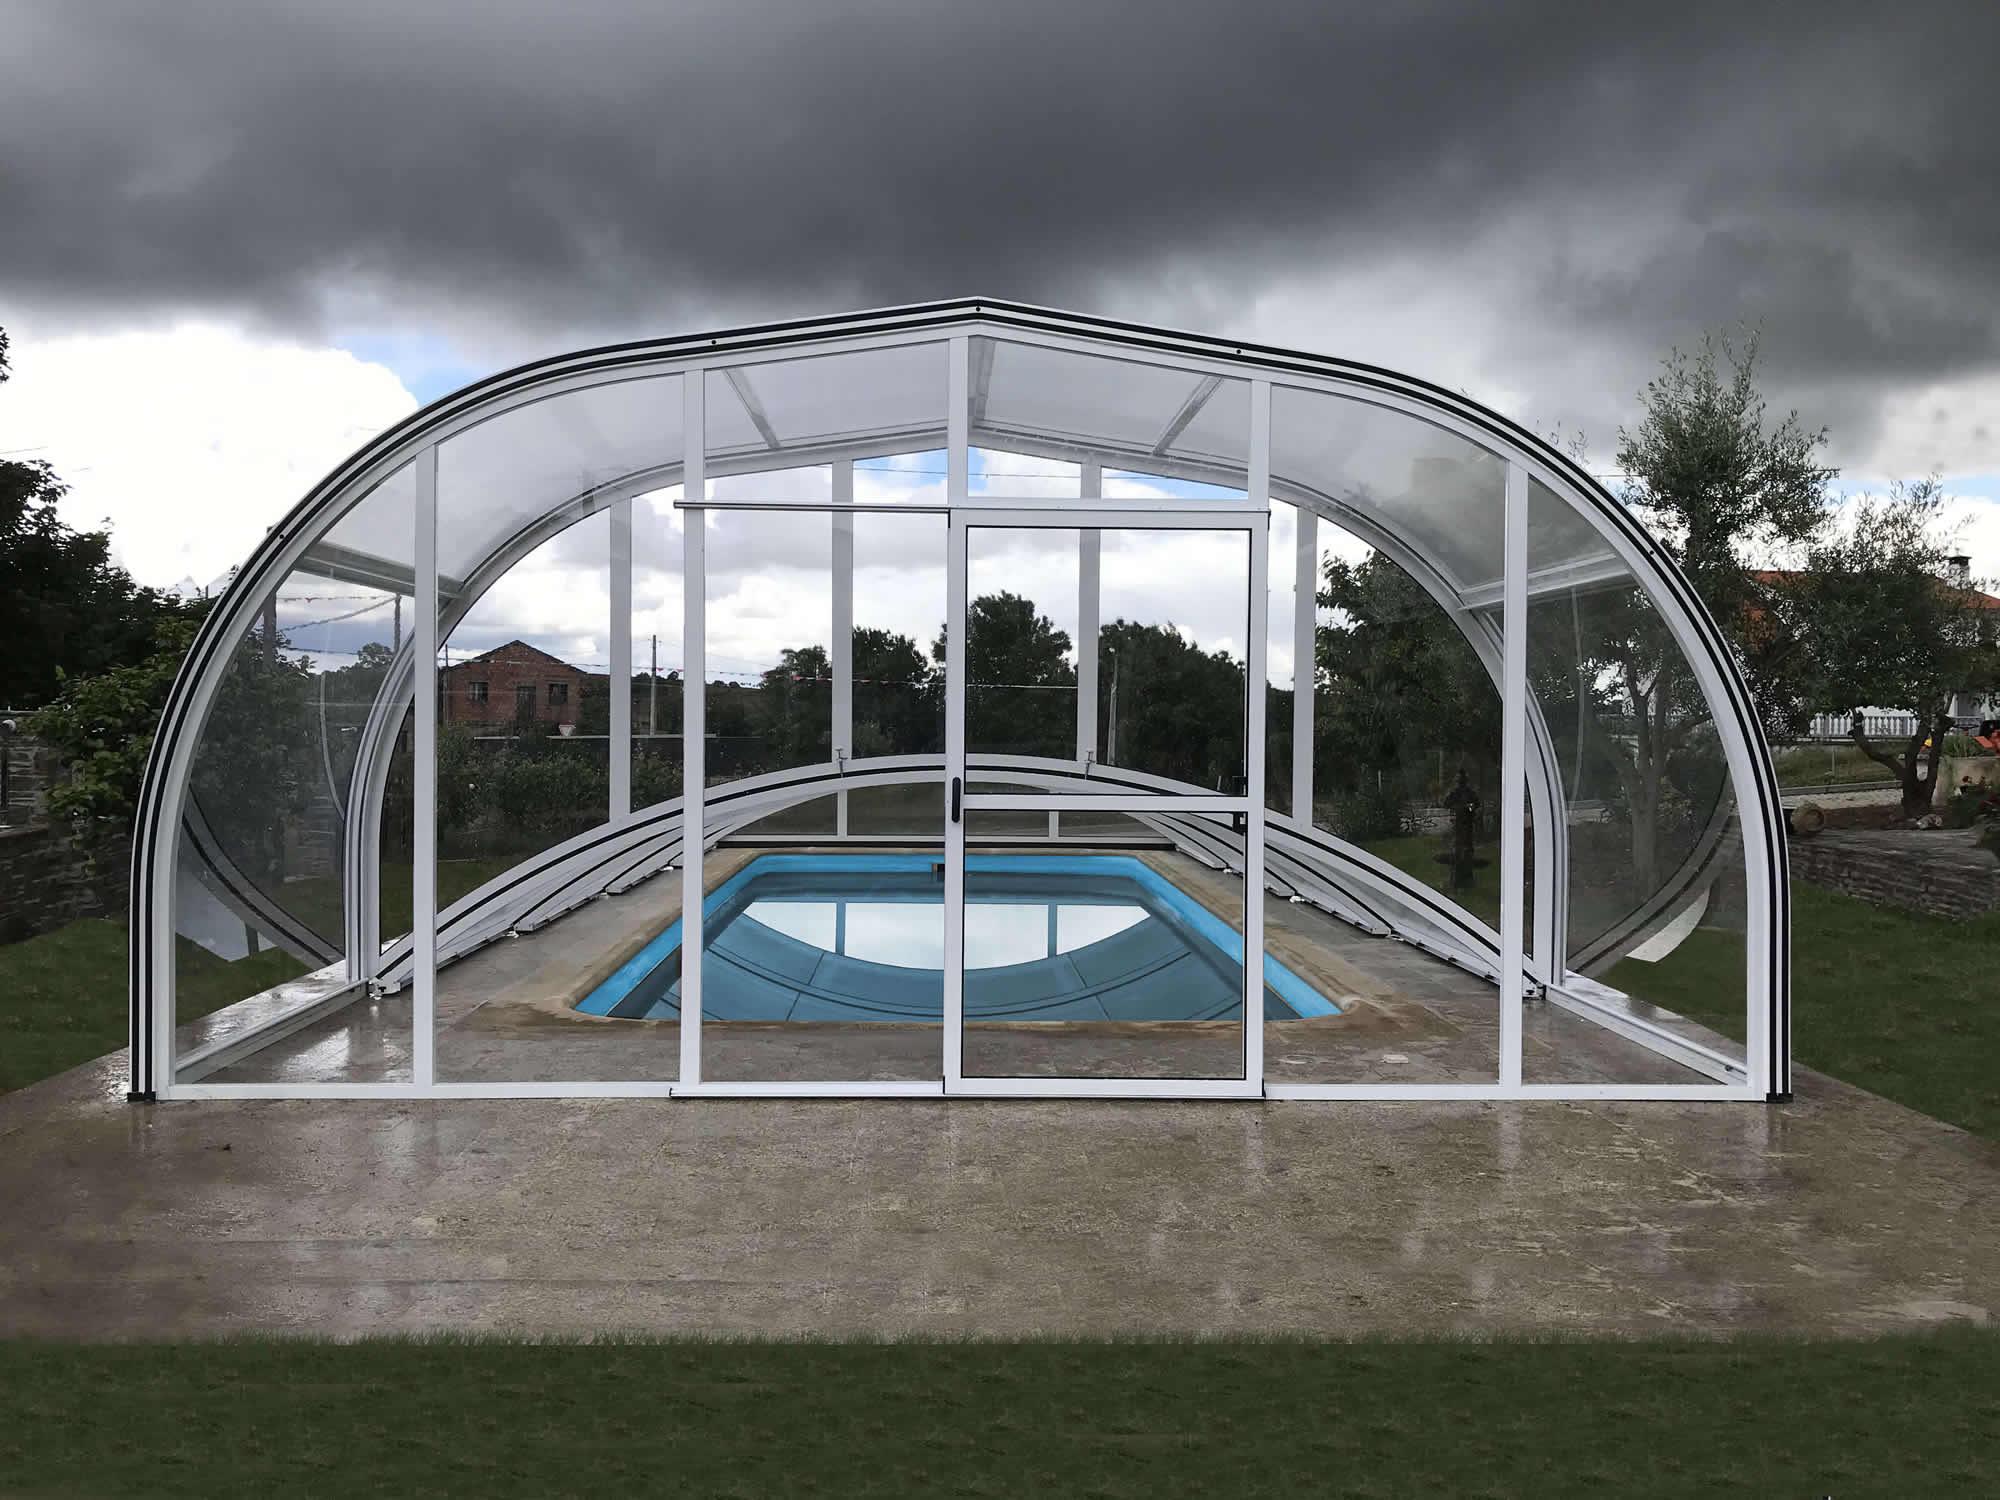 Cubierta Teide + Etna: Cerramiento para piscina baja y telescópica en Zamora exterior